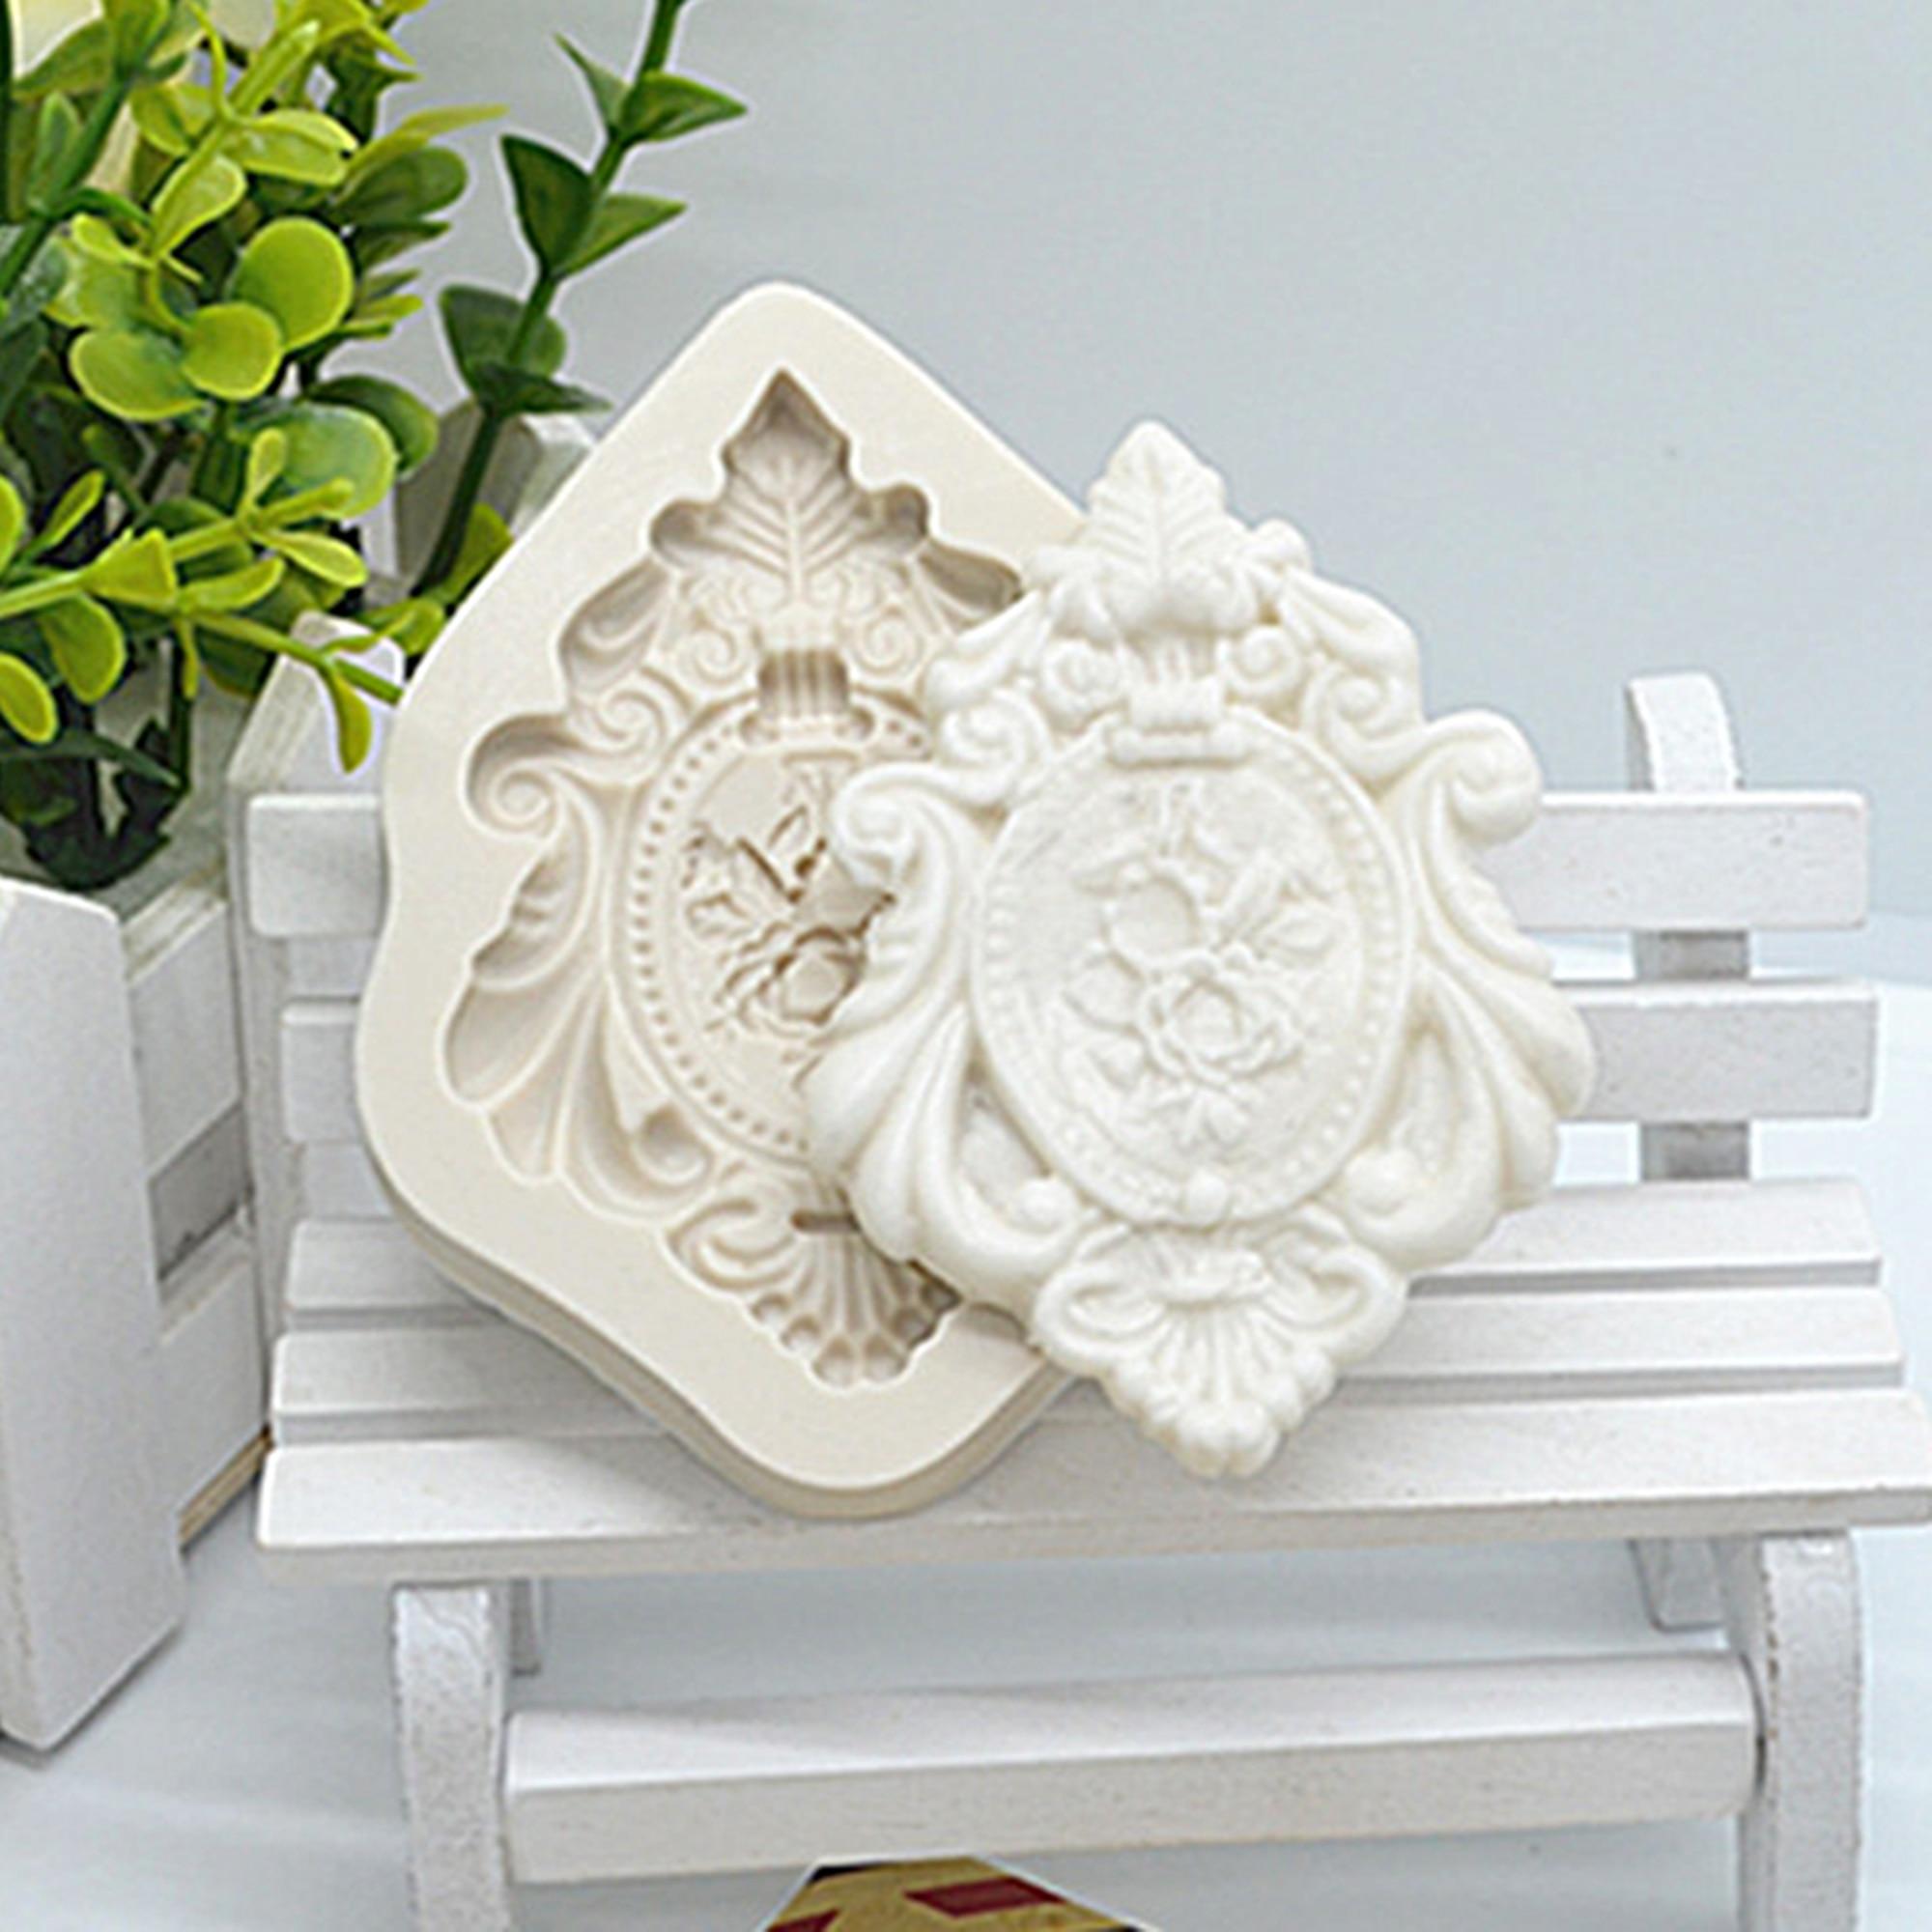 Европейская рельефная кружевная форма, формы для помадки и торта, форма для шоколада для кухни, силиконовые инструменты для украшения торта...